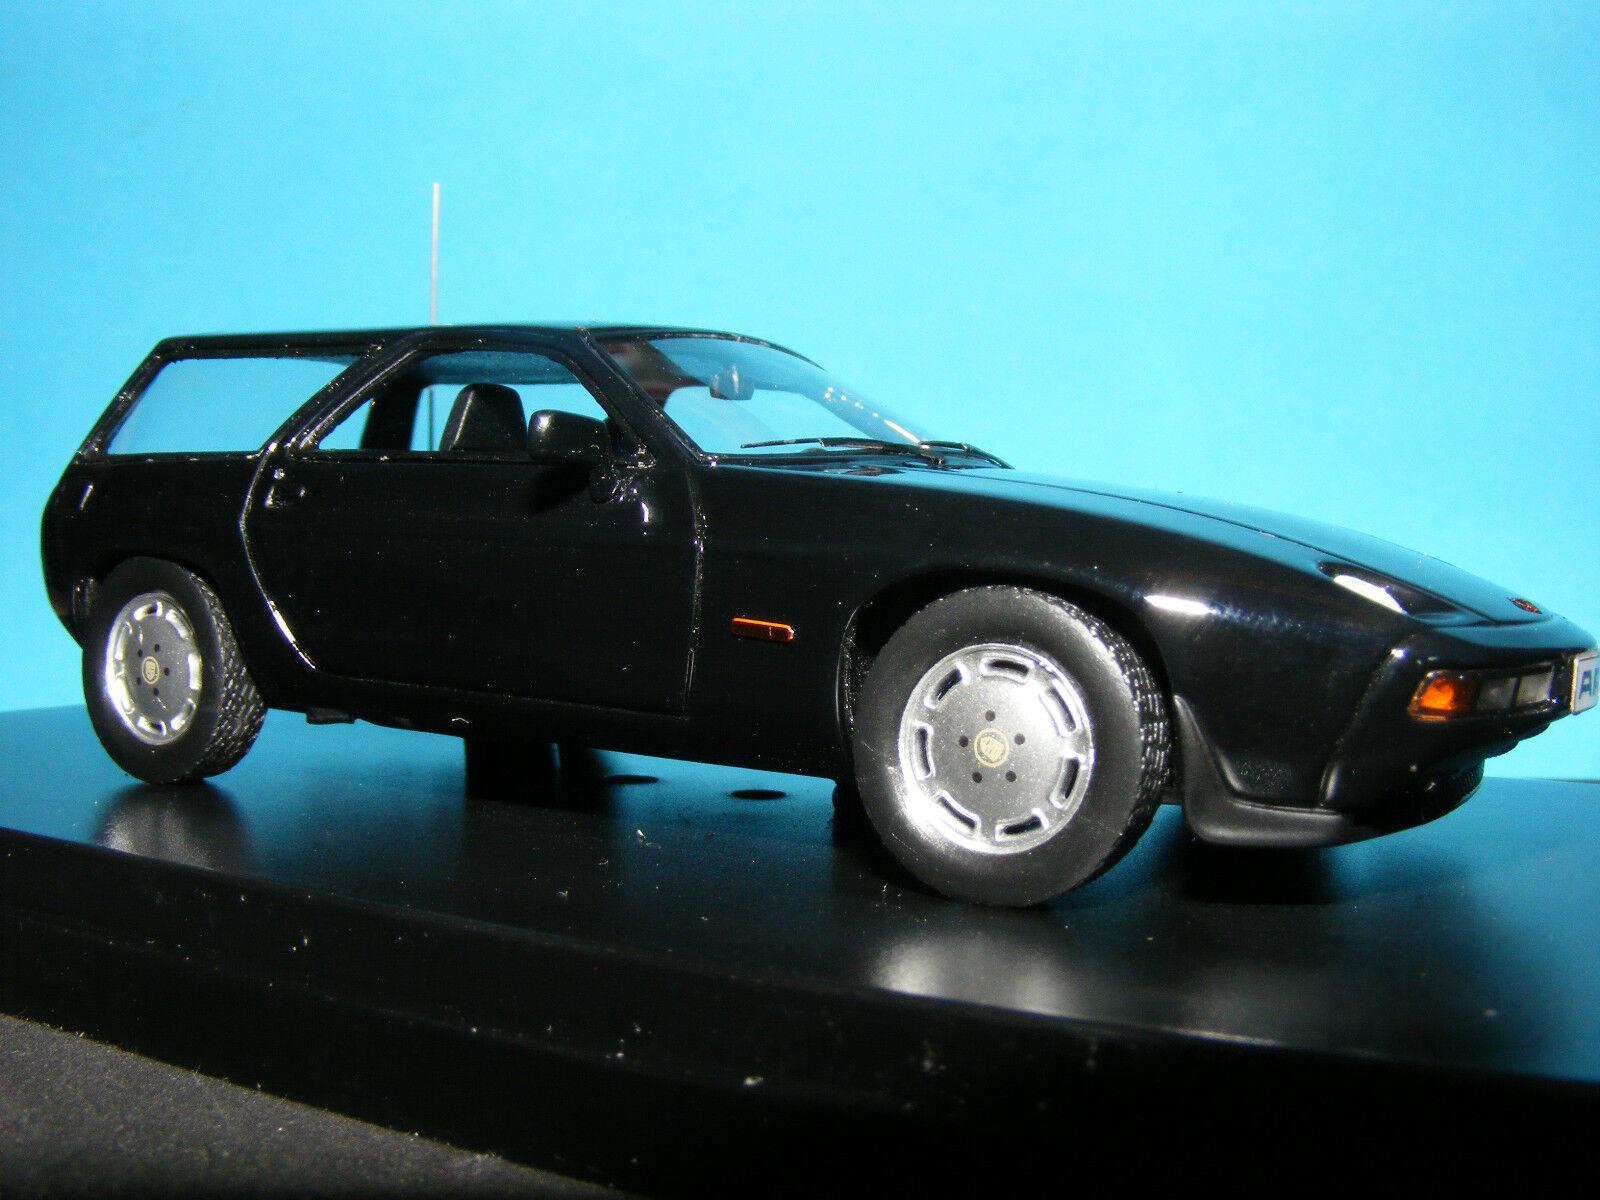 Porsche 928 S Kombi in noir (Noir) 1979 NLA très rare PREMIUM X modèle.